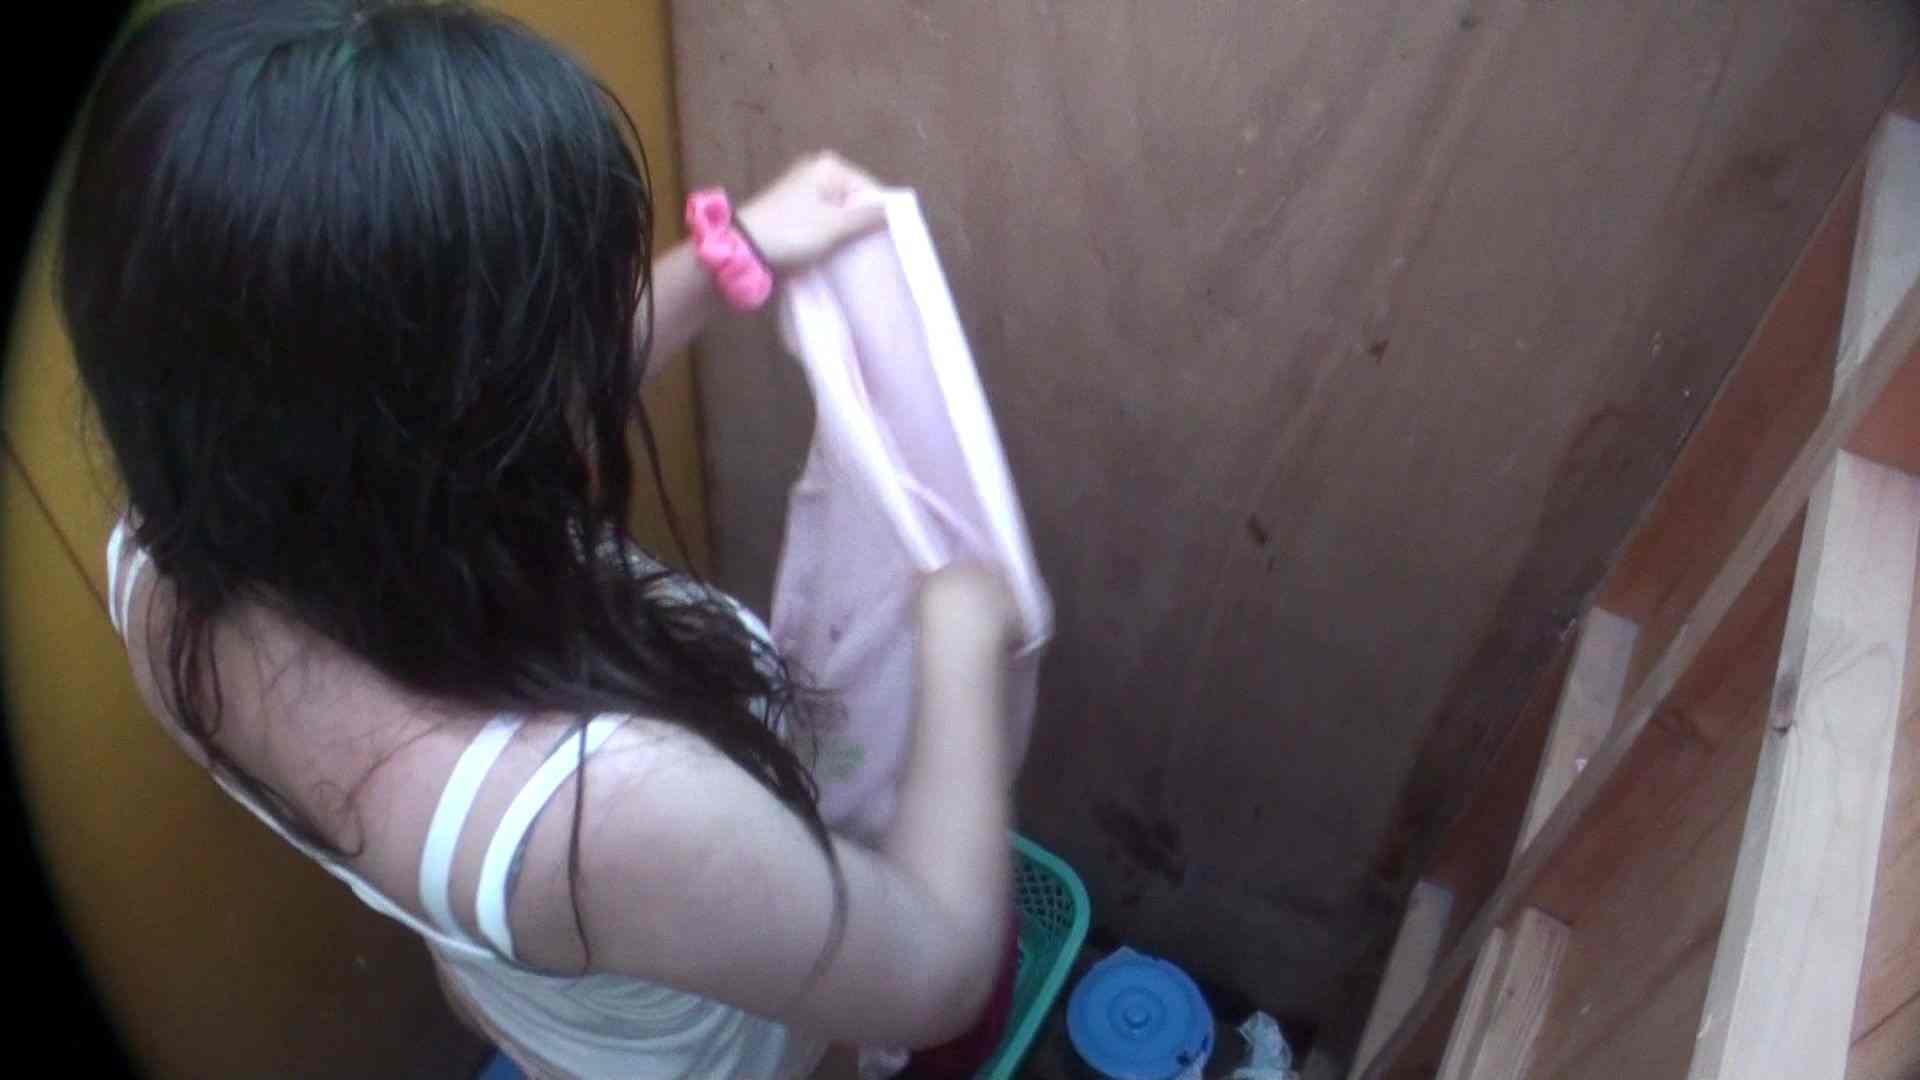 シャワールームは超!!危険な香りVol.13 ムッチムチのいやらしい身体つき 高画質 のぞきおめこ無修正画像 29PICs 26